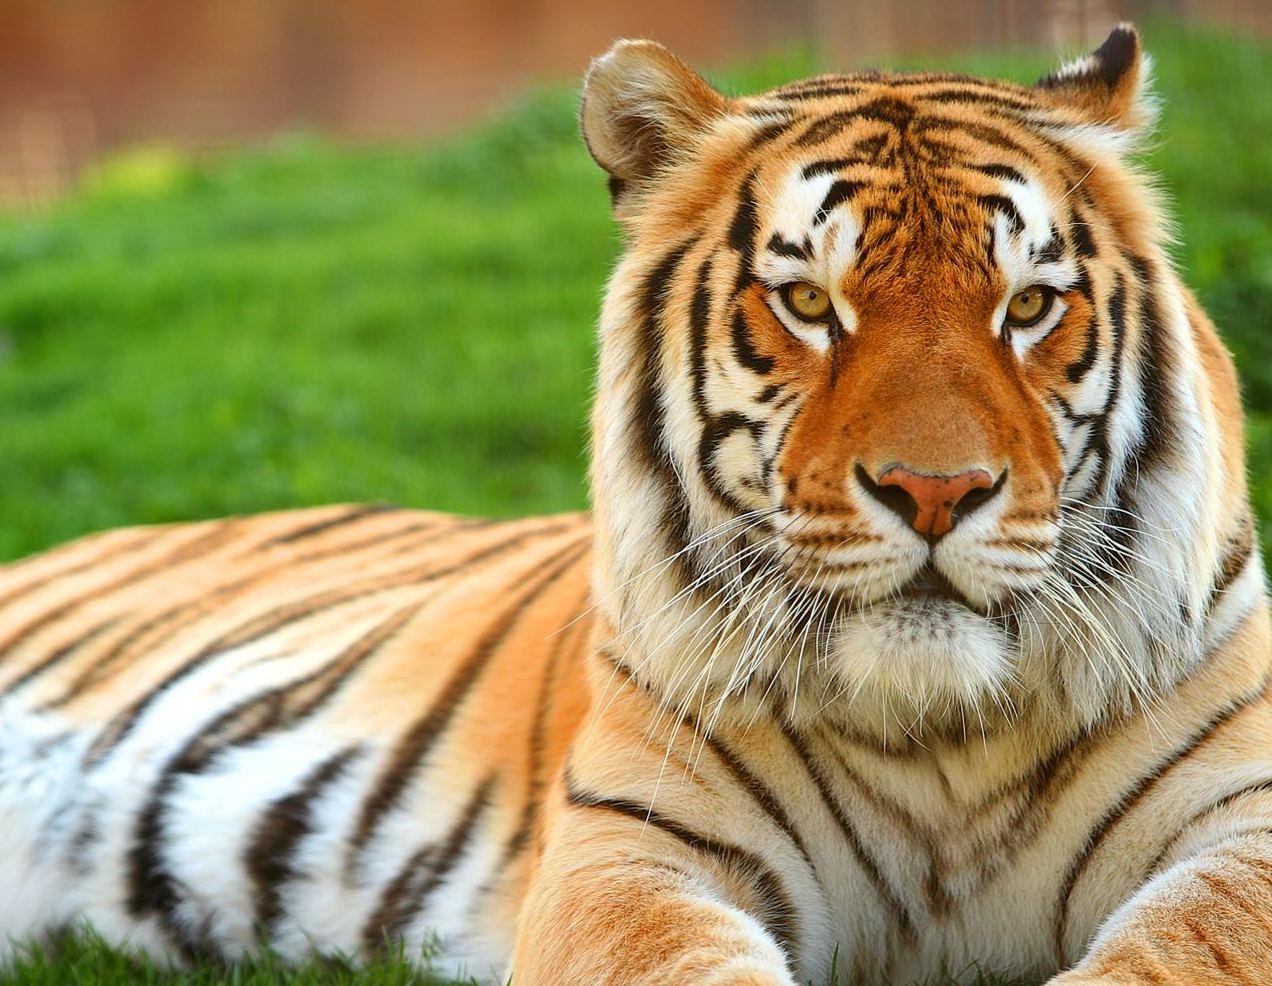 Tiger Wallpaper Desktop Tiger Wallpapers HD 1272x986